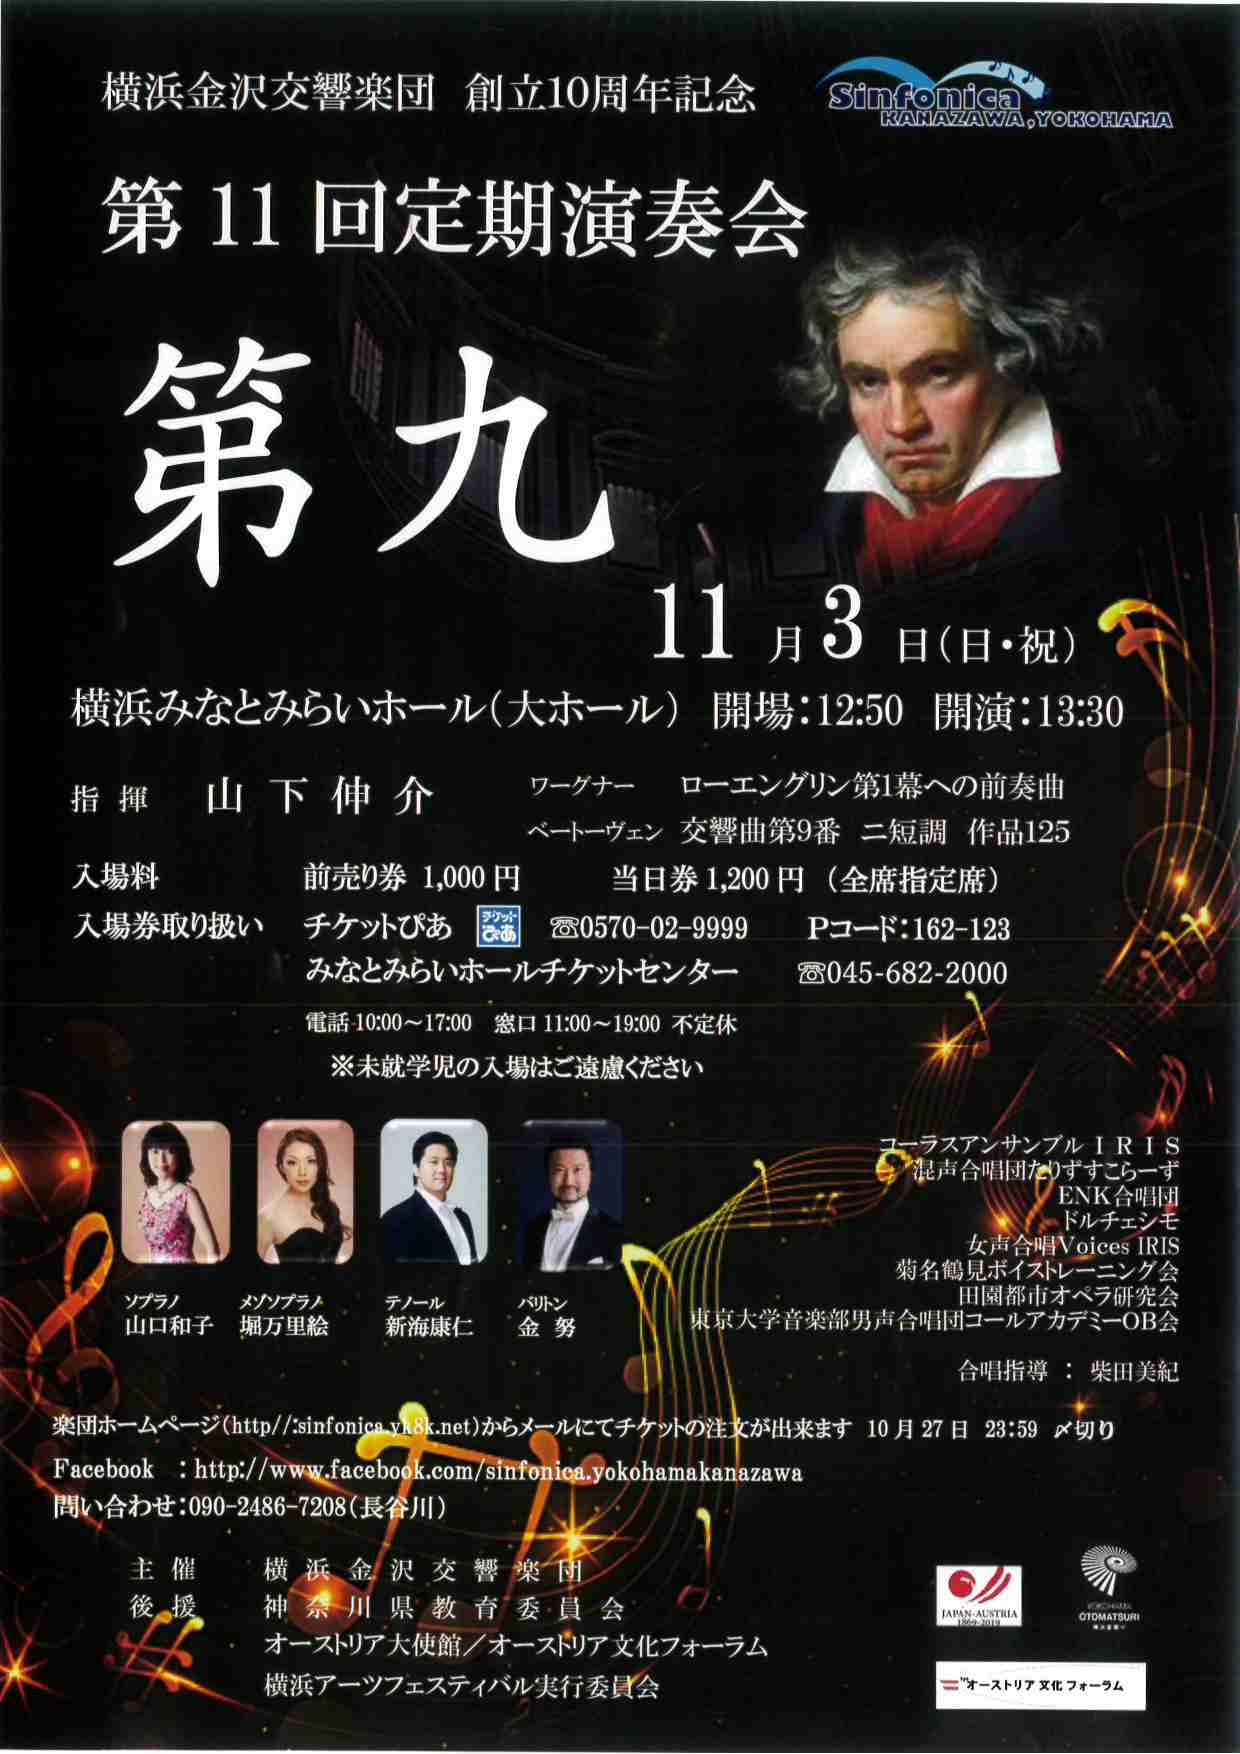 横浜金沢交響楽団 創立10周年記念 第11回定期演奏会 第九